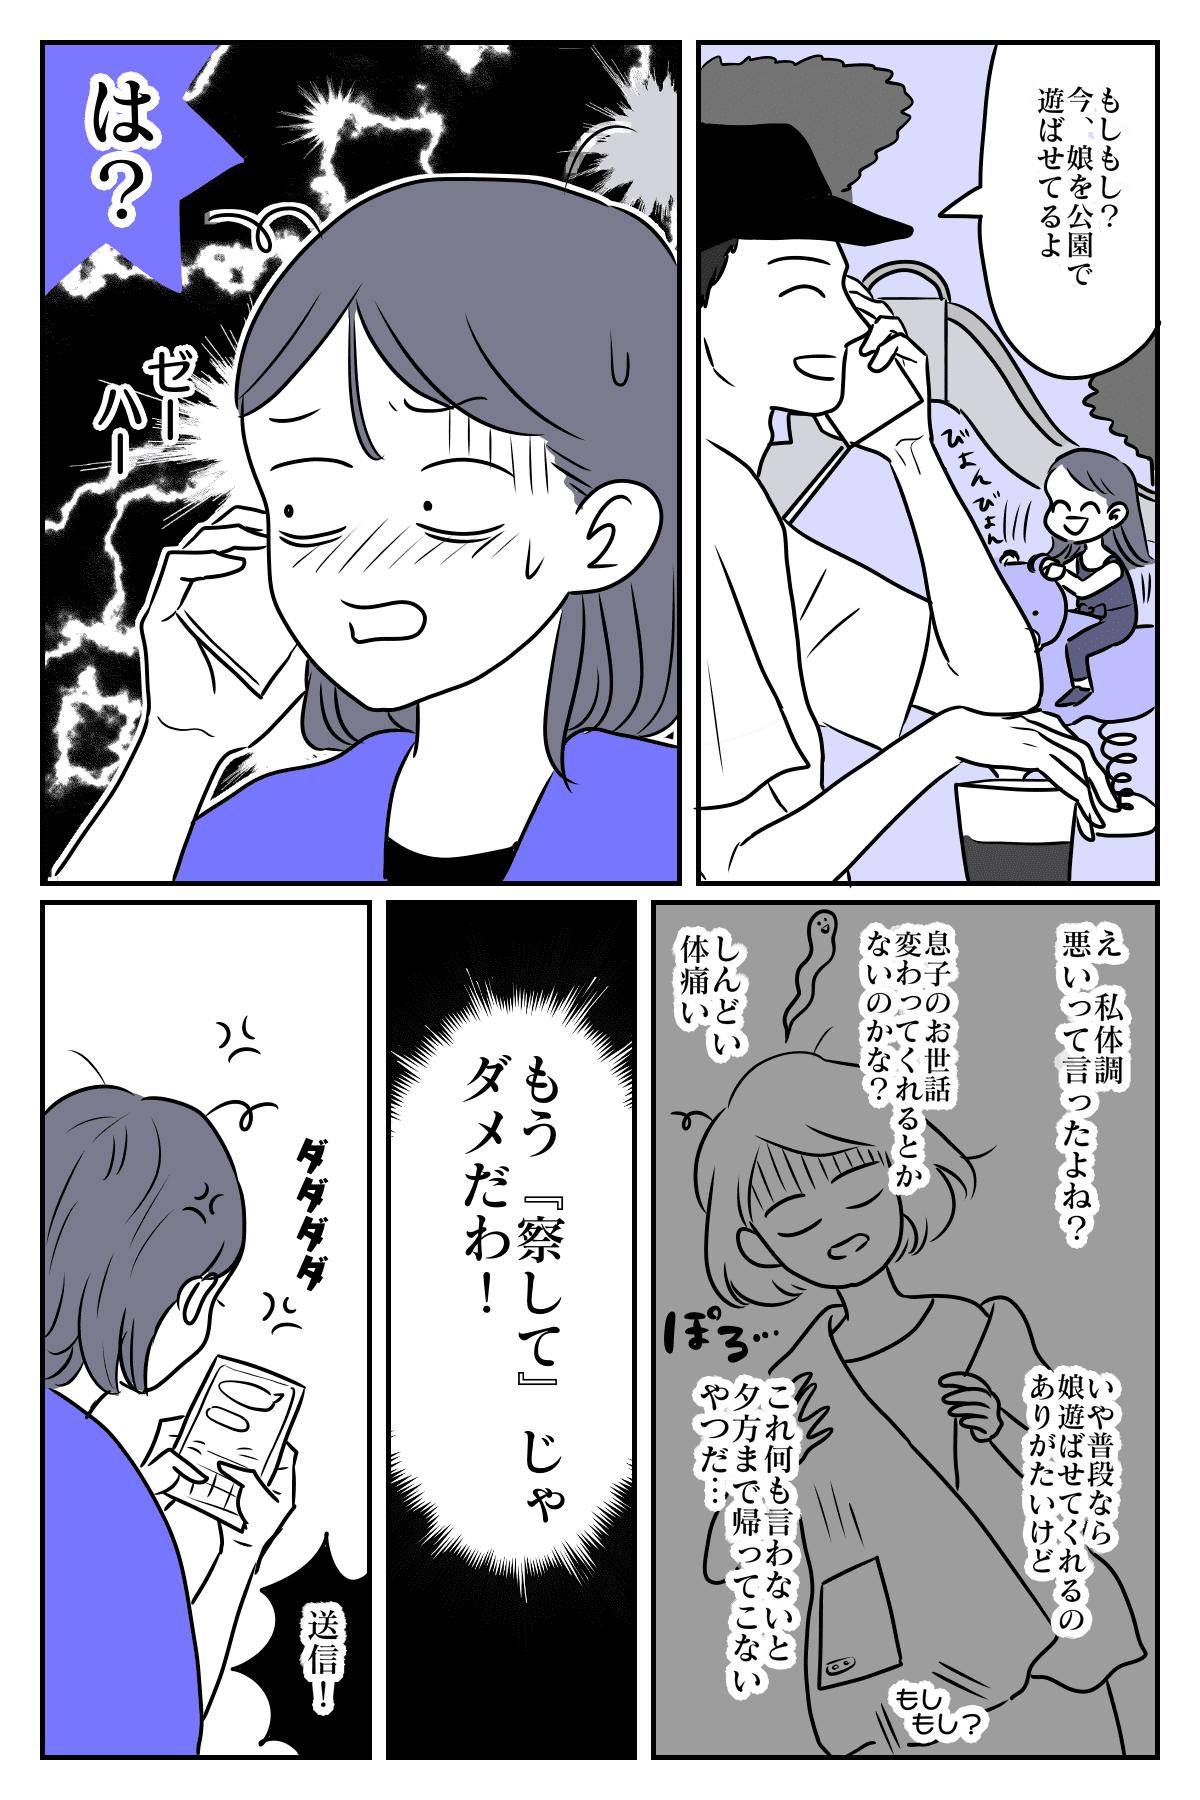 体調が悪いのにその対応!?02